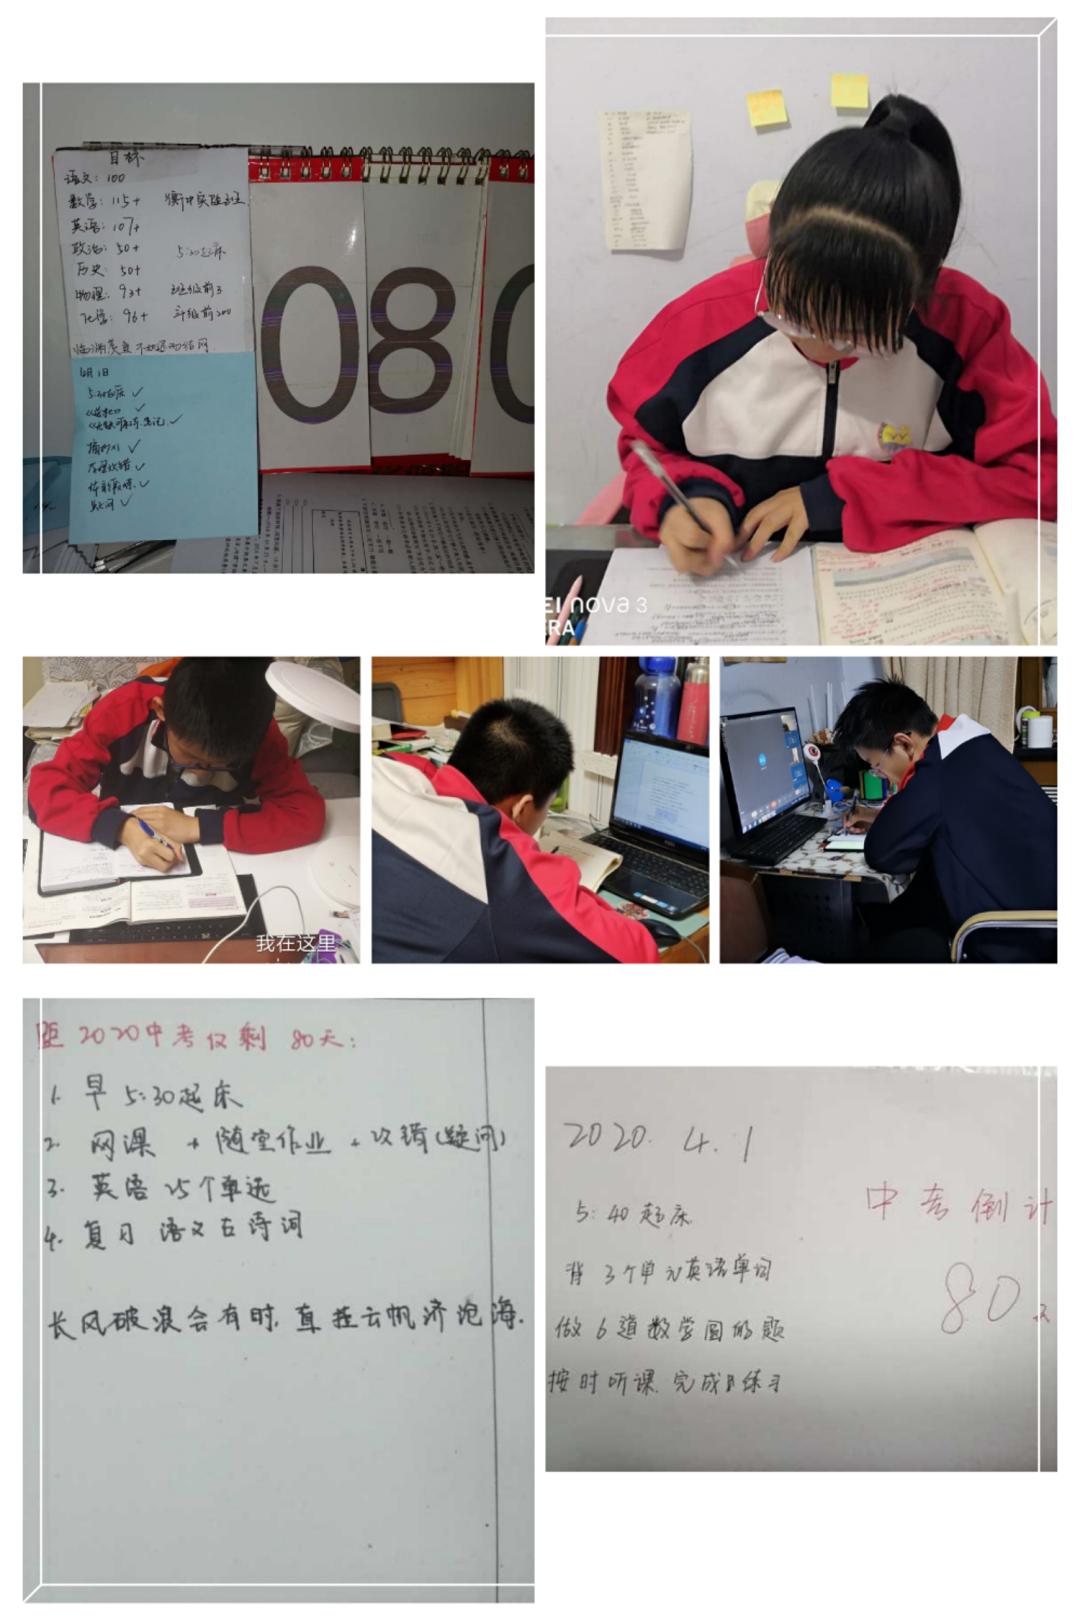 衡水第五中学师情5325 作者: 来源: 发布时间:2020-4-7 15:28